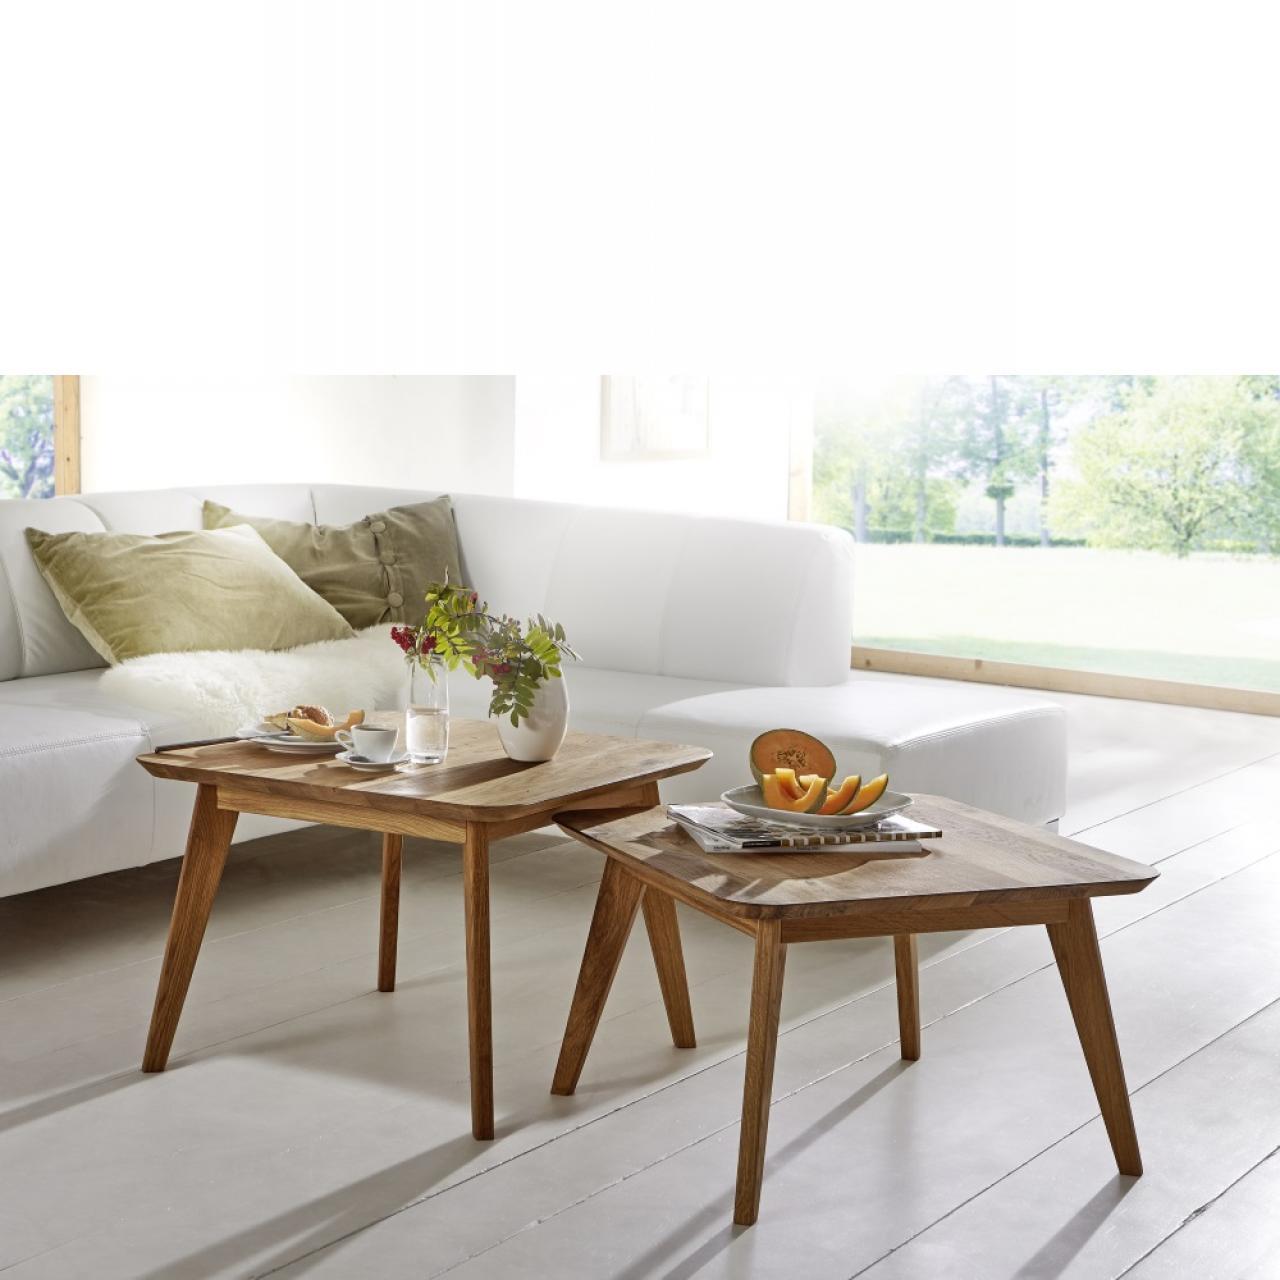 beistelltisch olpe m bel j hnichen center gmbh. Black Bedroom Furniture Sets. Home Design Ideas